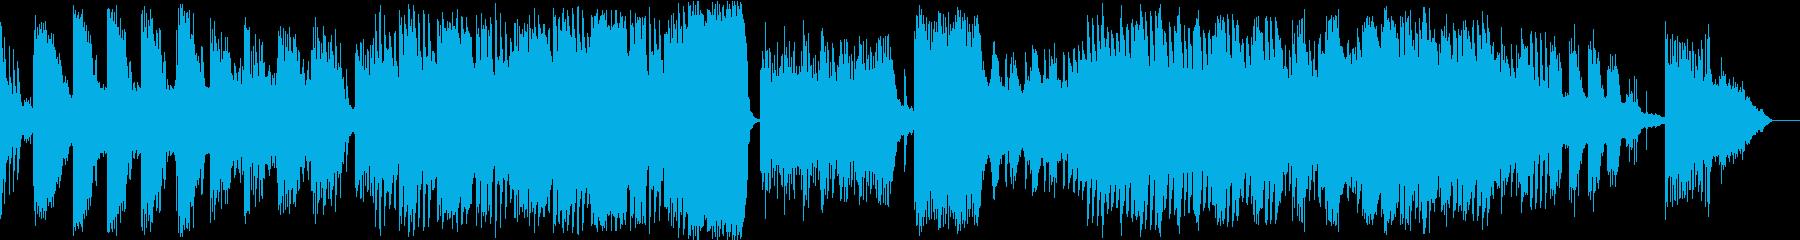 日本的なインストの再生済みの波形